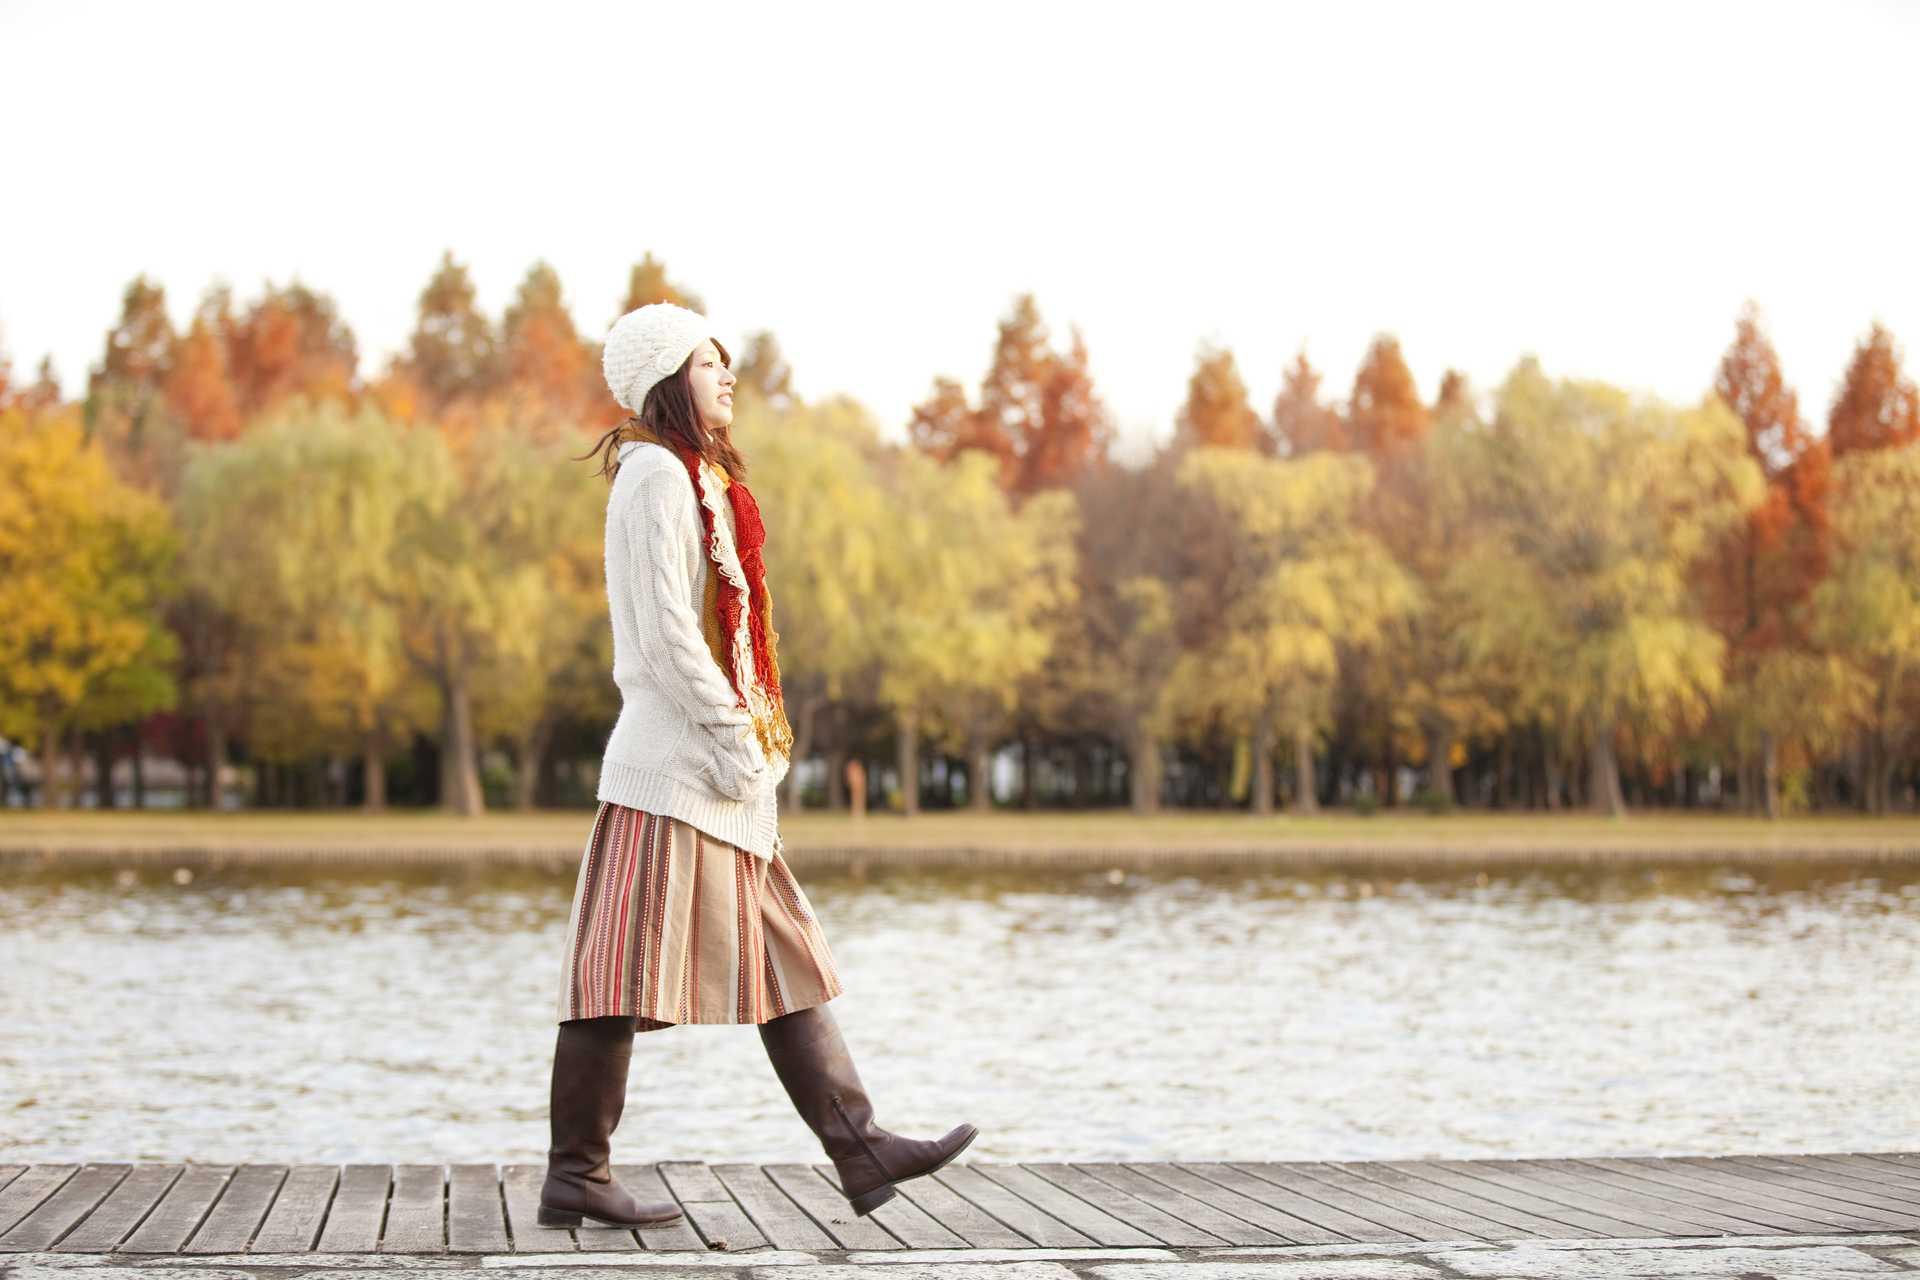 散歩の達人は、いい年して迷子になることを恐れない。 | 散歩の楽しみ方に気づく30のポイント